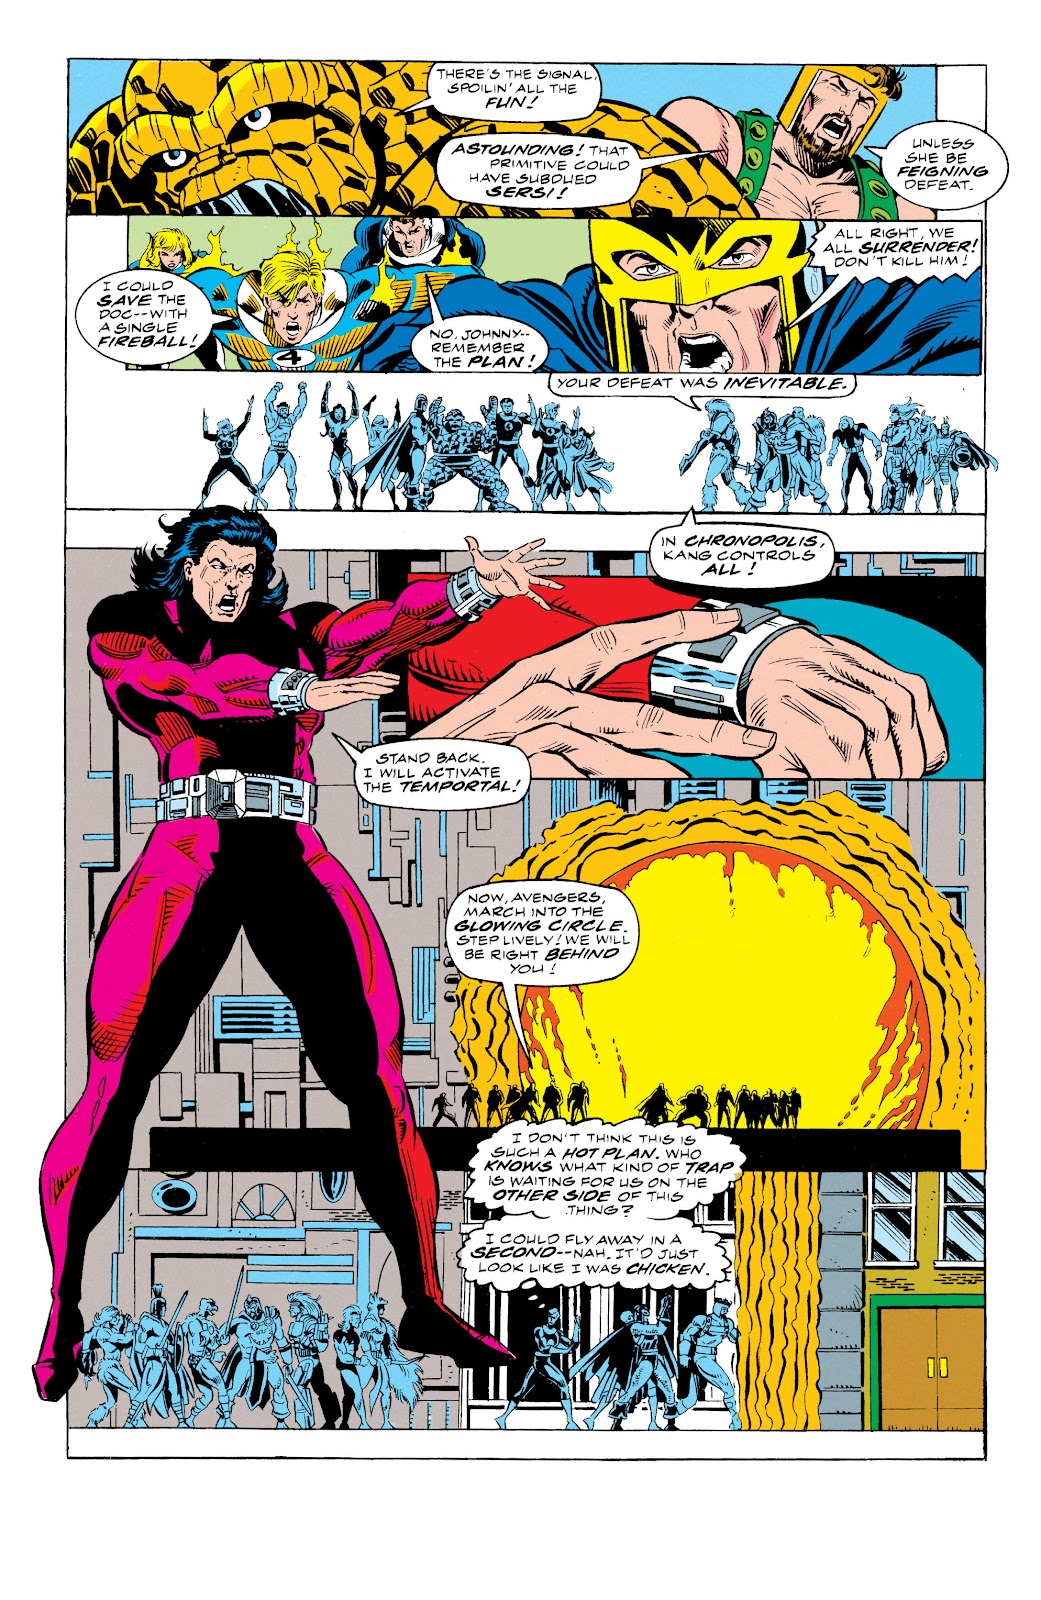 Read online Avengers: Citizen Kang comic -  Issue # TPB (Part 2) - 82